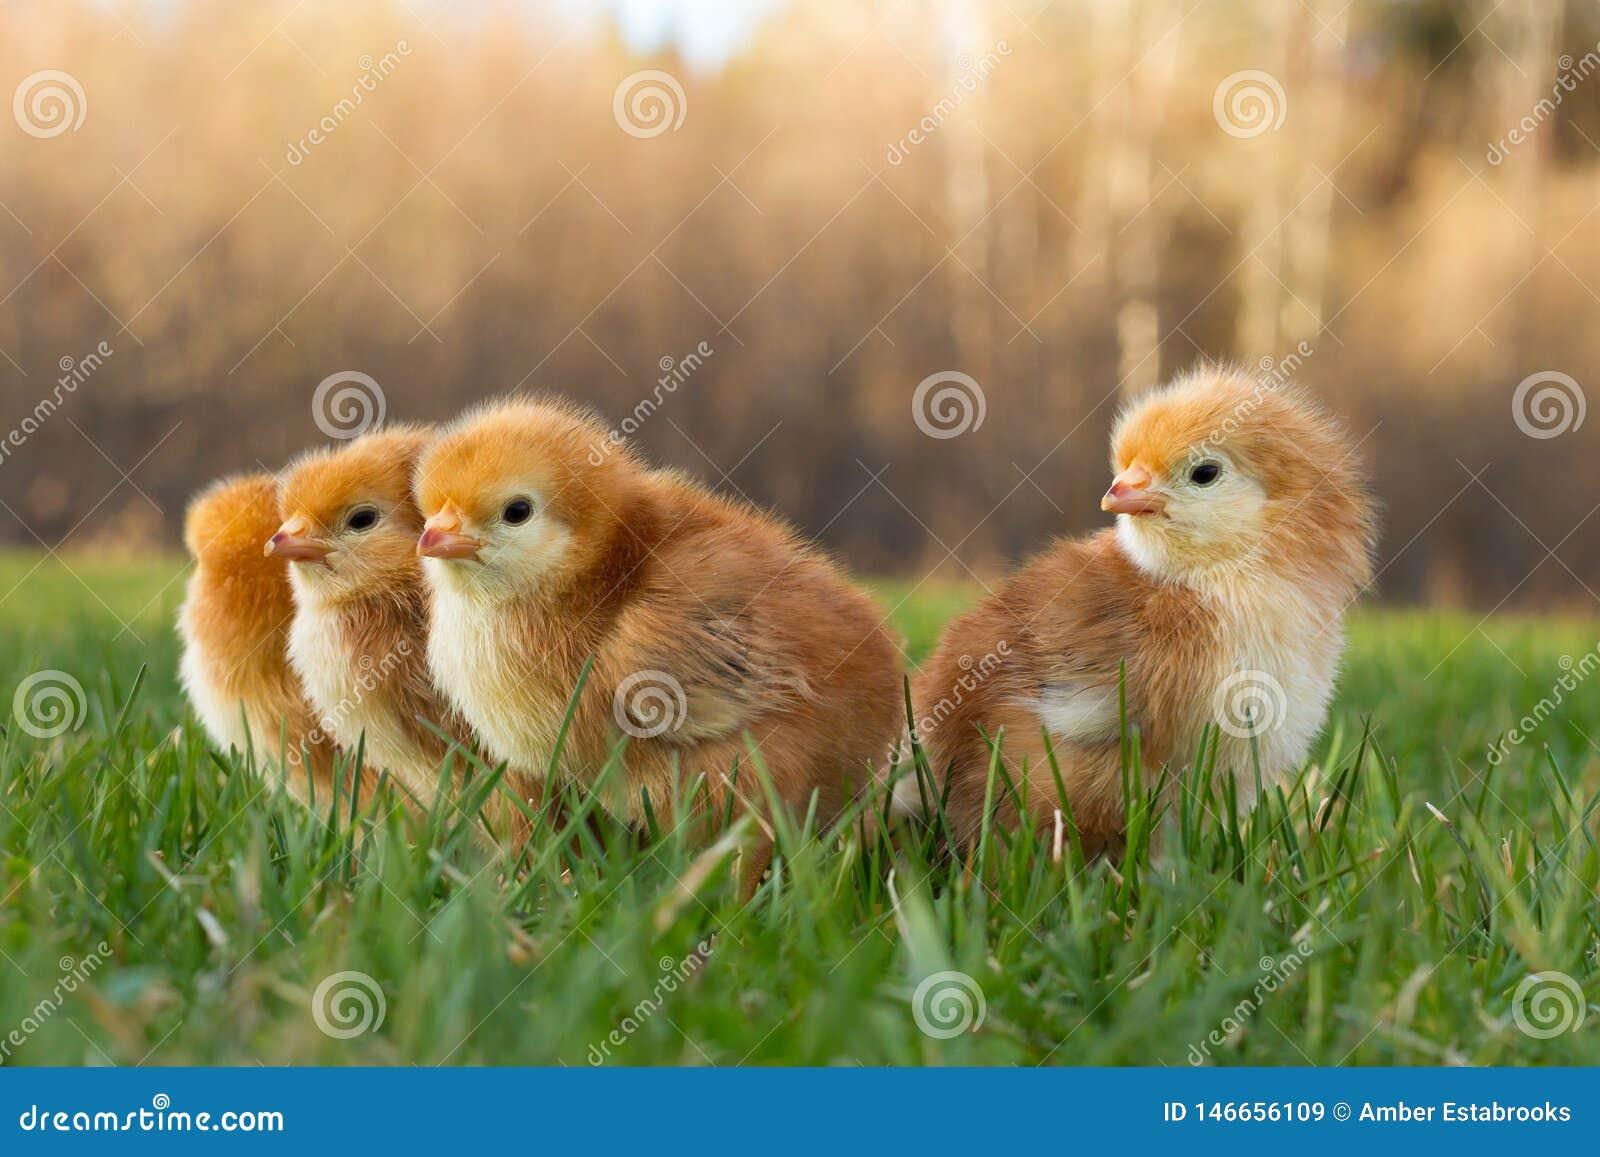 Het Gras van de lenterhode island red chicks exploring voor Eerste Keer